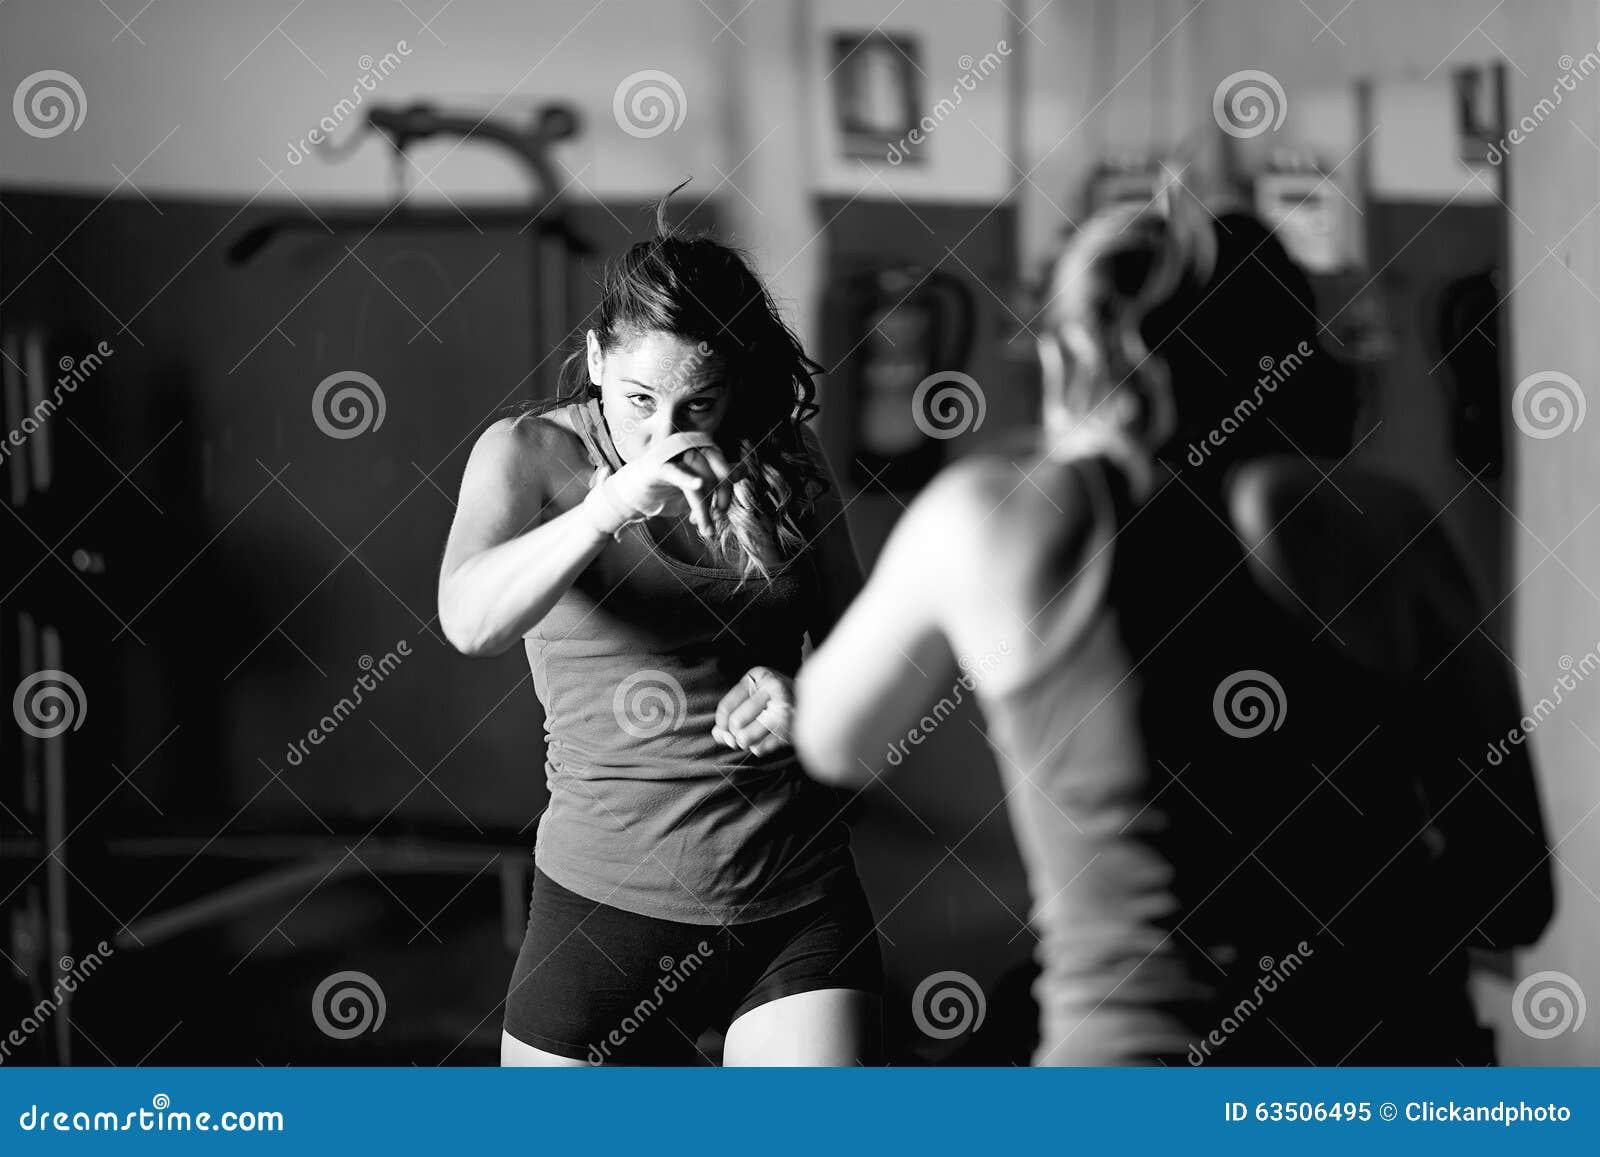 Fachowy żeński bokser pracujący out podczas gdy patrzejący w lustrze